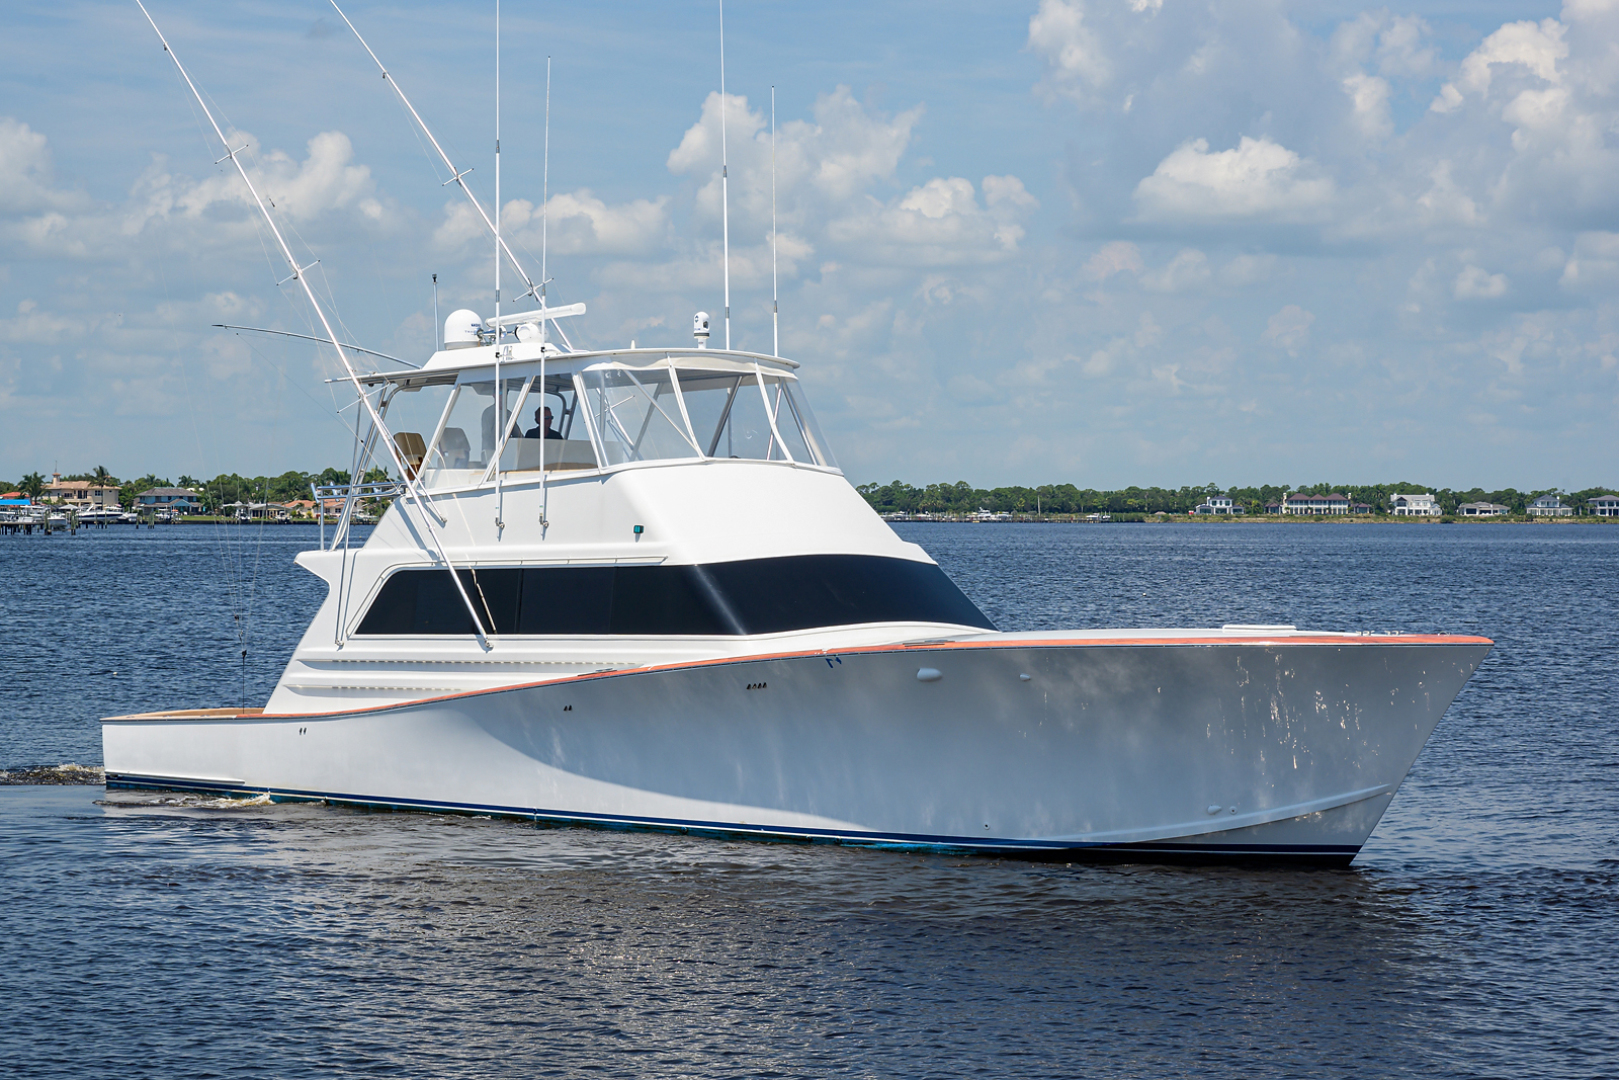 Monterey-Sportfish 1991-Lady Gemini Mantoloking-New Jersey-United States-Lady Gemini_bow_profile_1-1451148 | Thumbnail